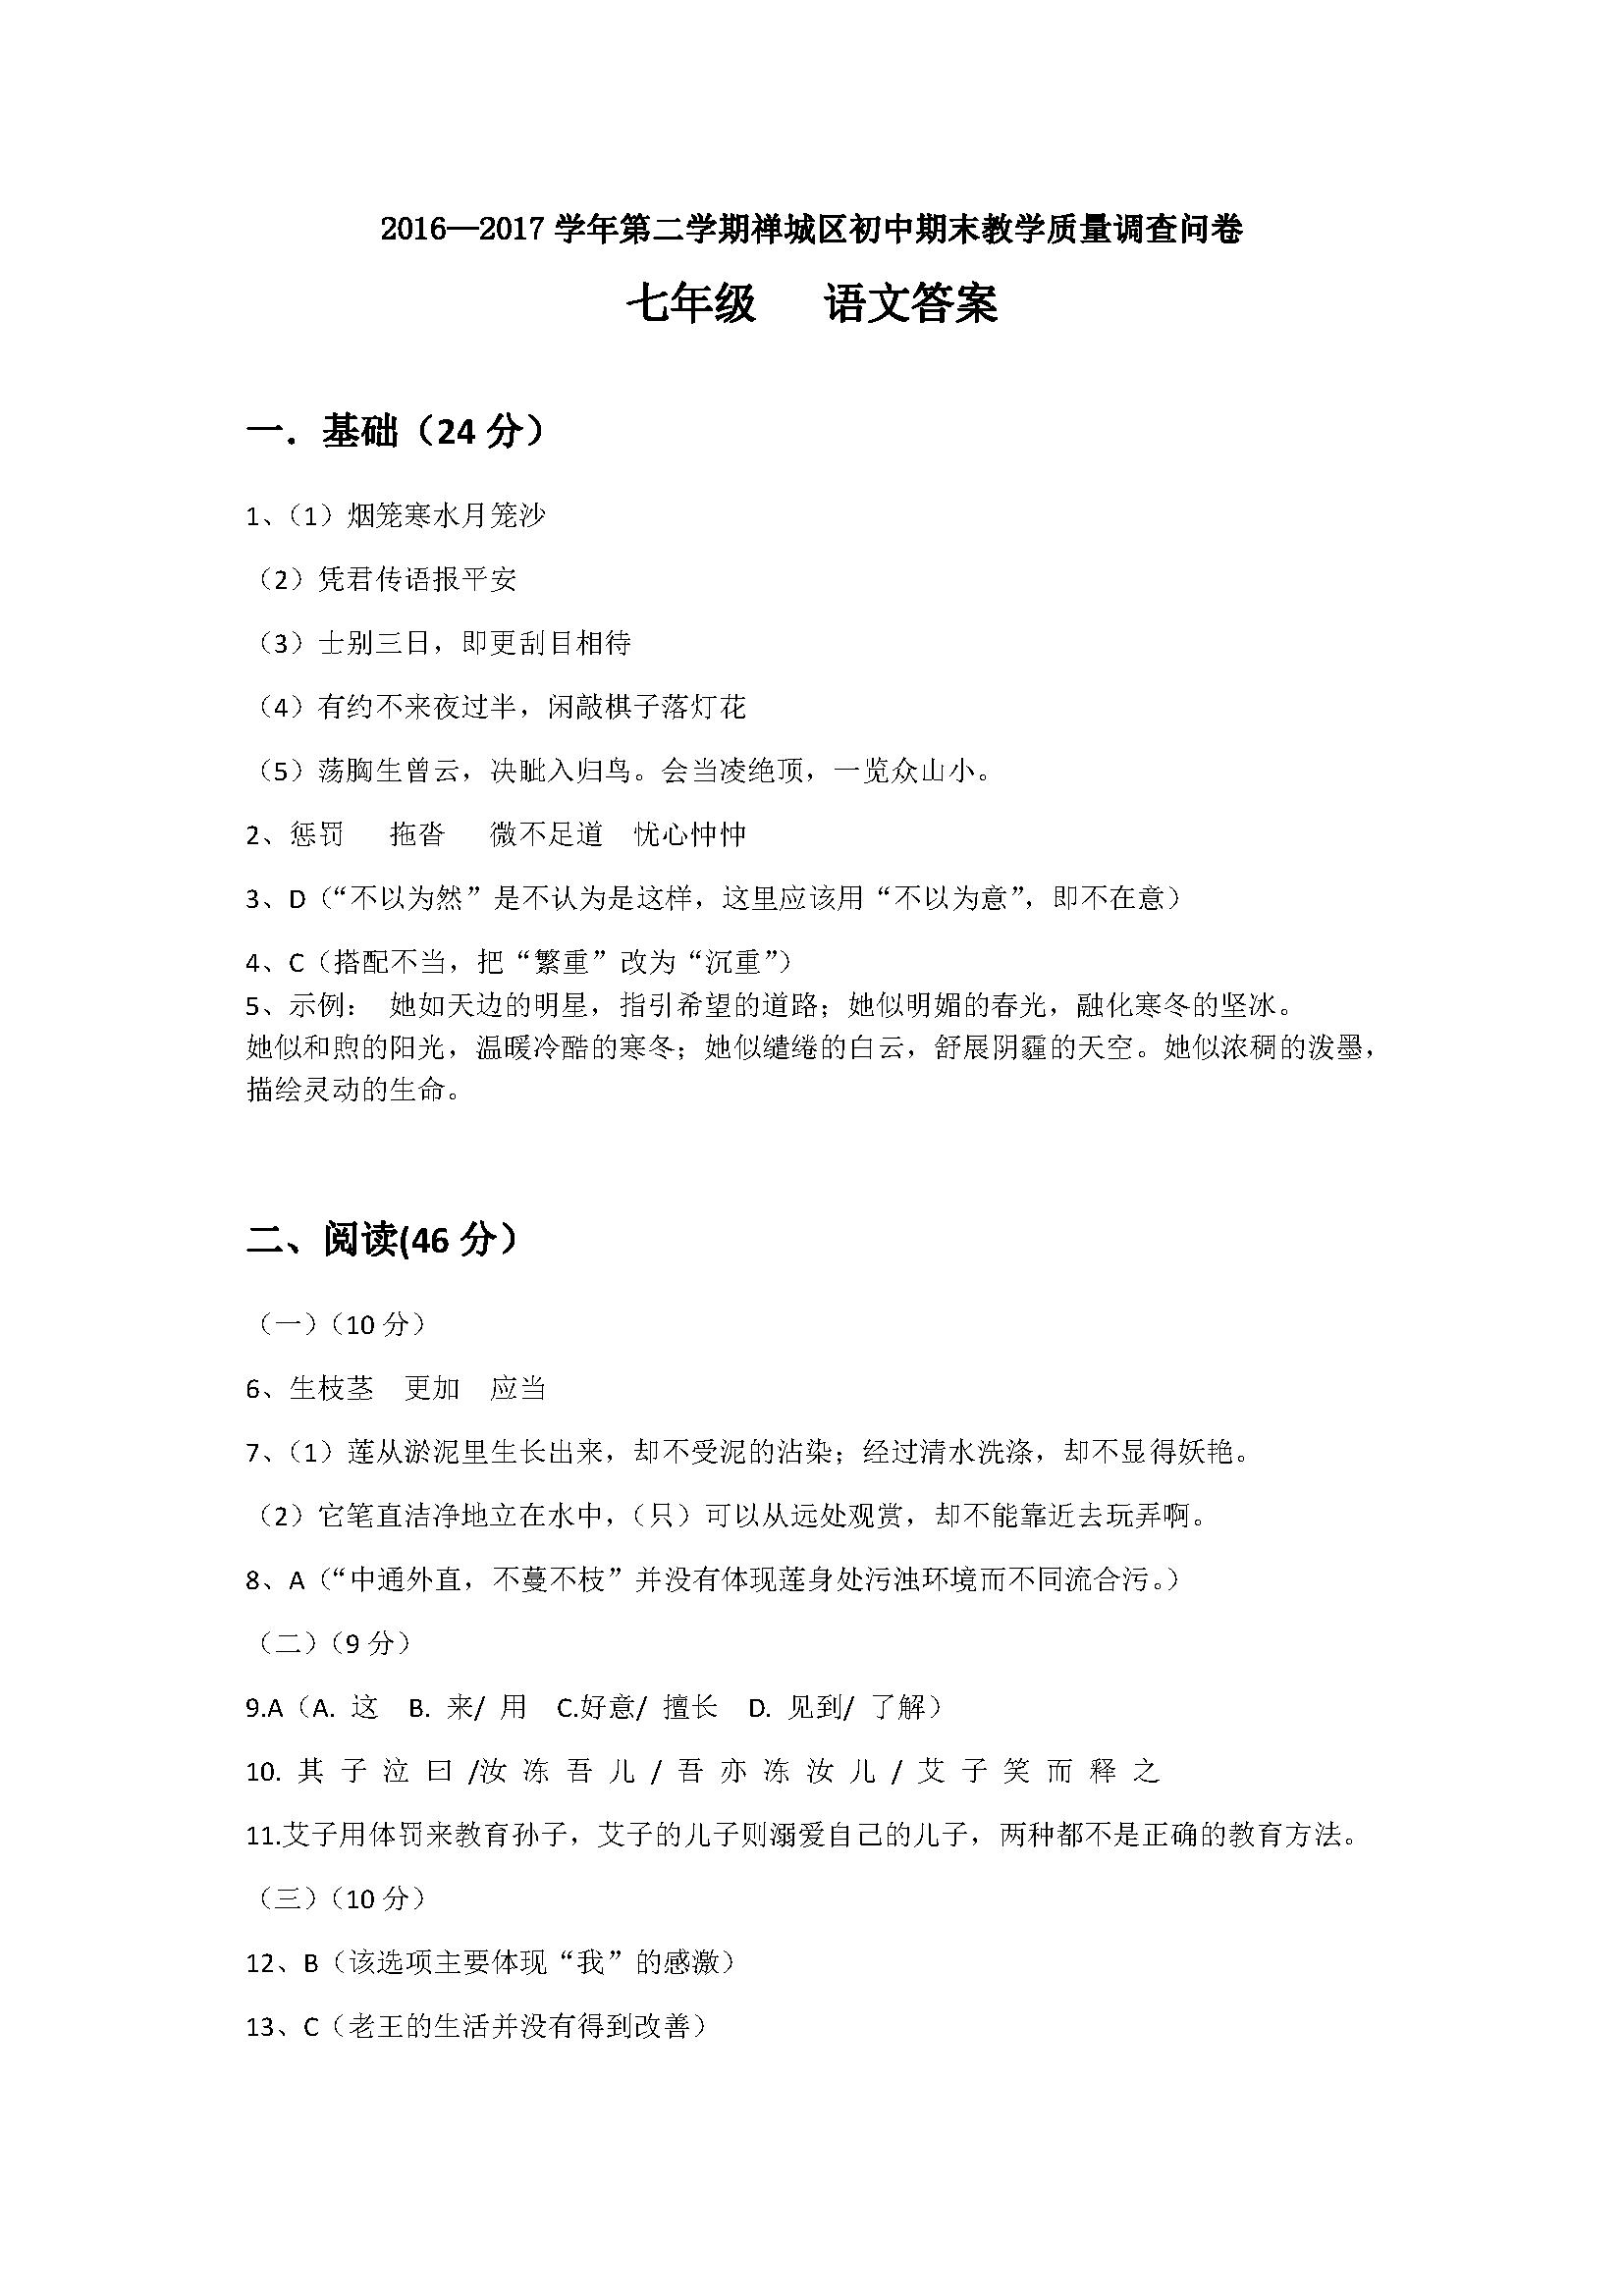 广东佛山禅城2016-2017第二学期期末语文试题答案(Word版)